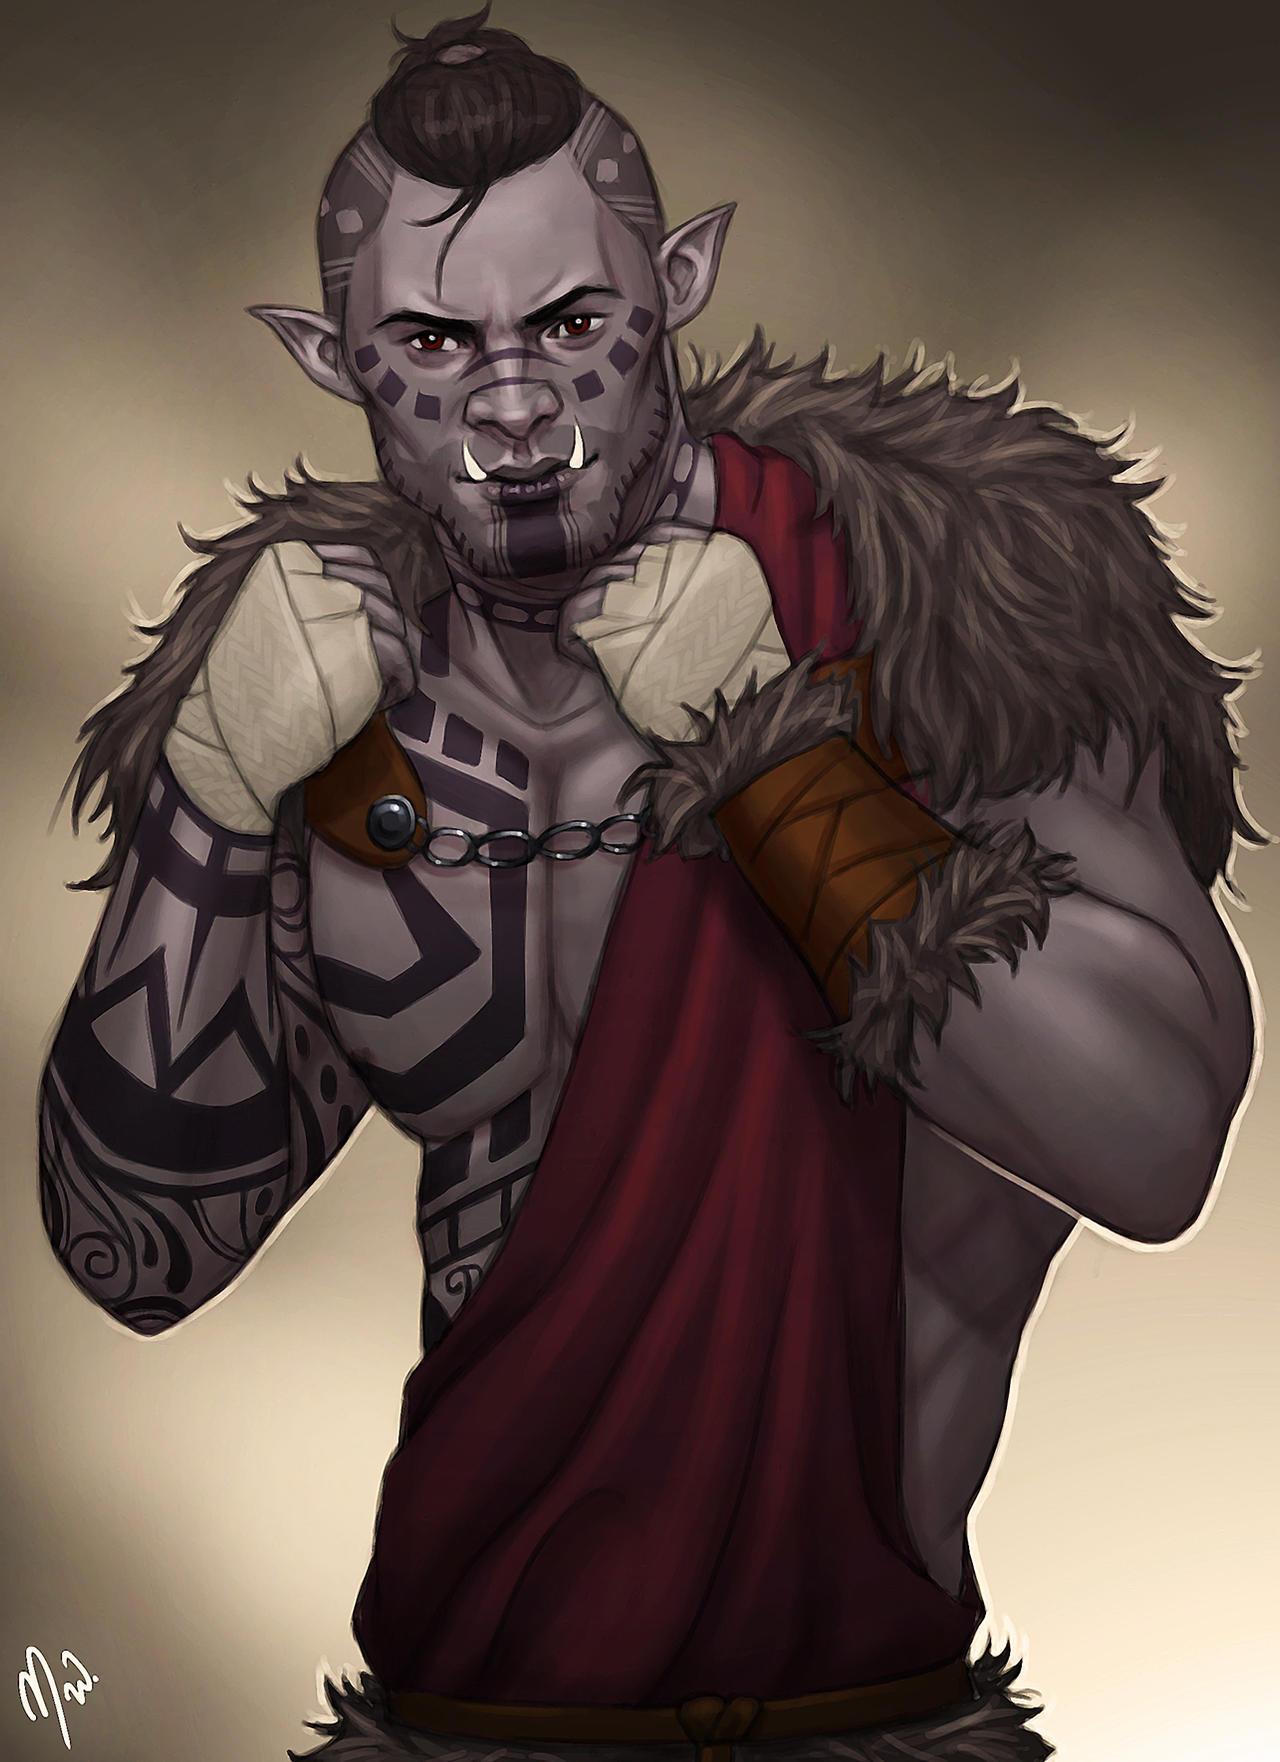 D&D 5e: Half-Orc Monk Guide